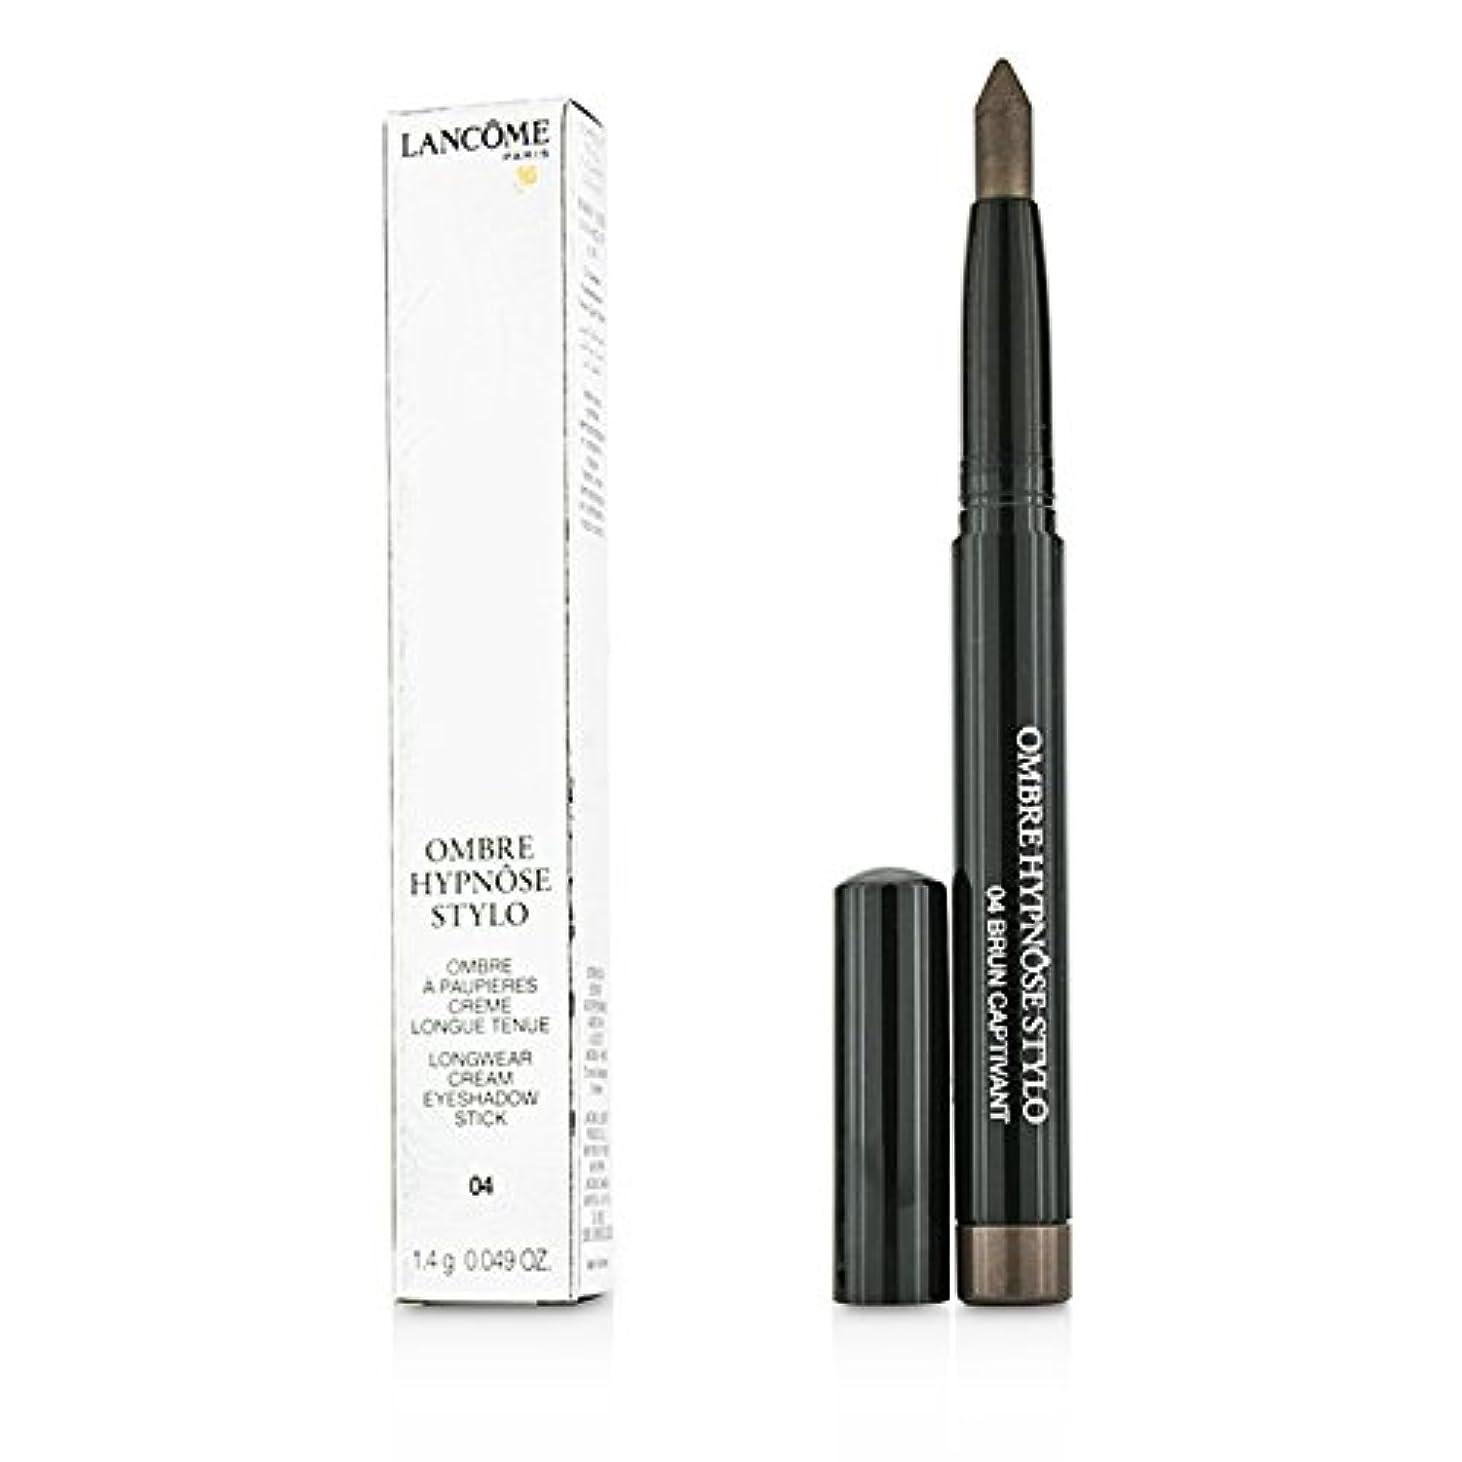 ランコム Ombre Hypnose Stylo Longwear Cream Eyeshadow Stick - # 04 Brun Captivant 1.4g/0.049oz並行輸入品